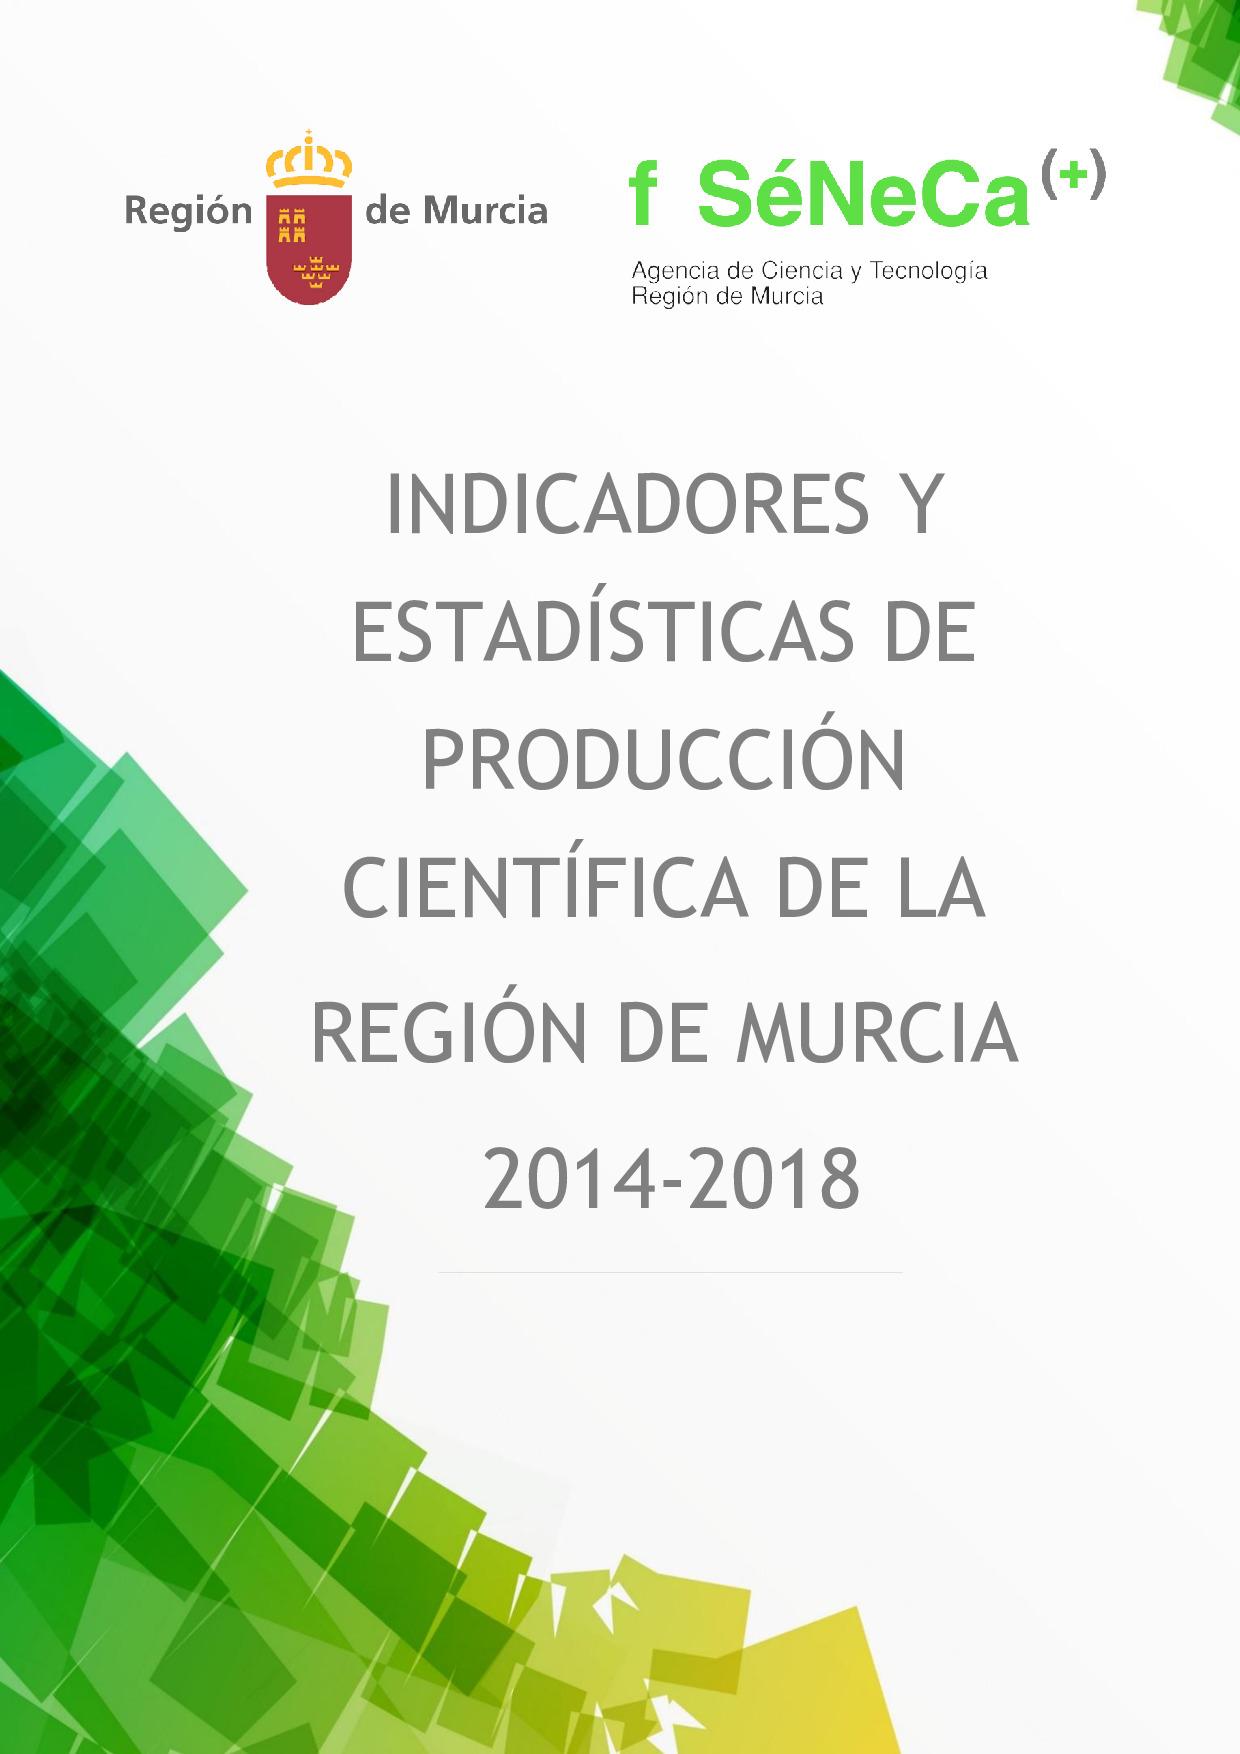 Indicadores de producción científica de la Región de Murcia 2014-2018